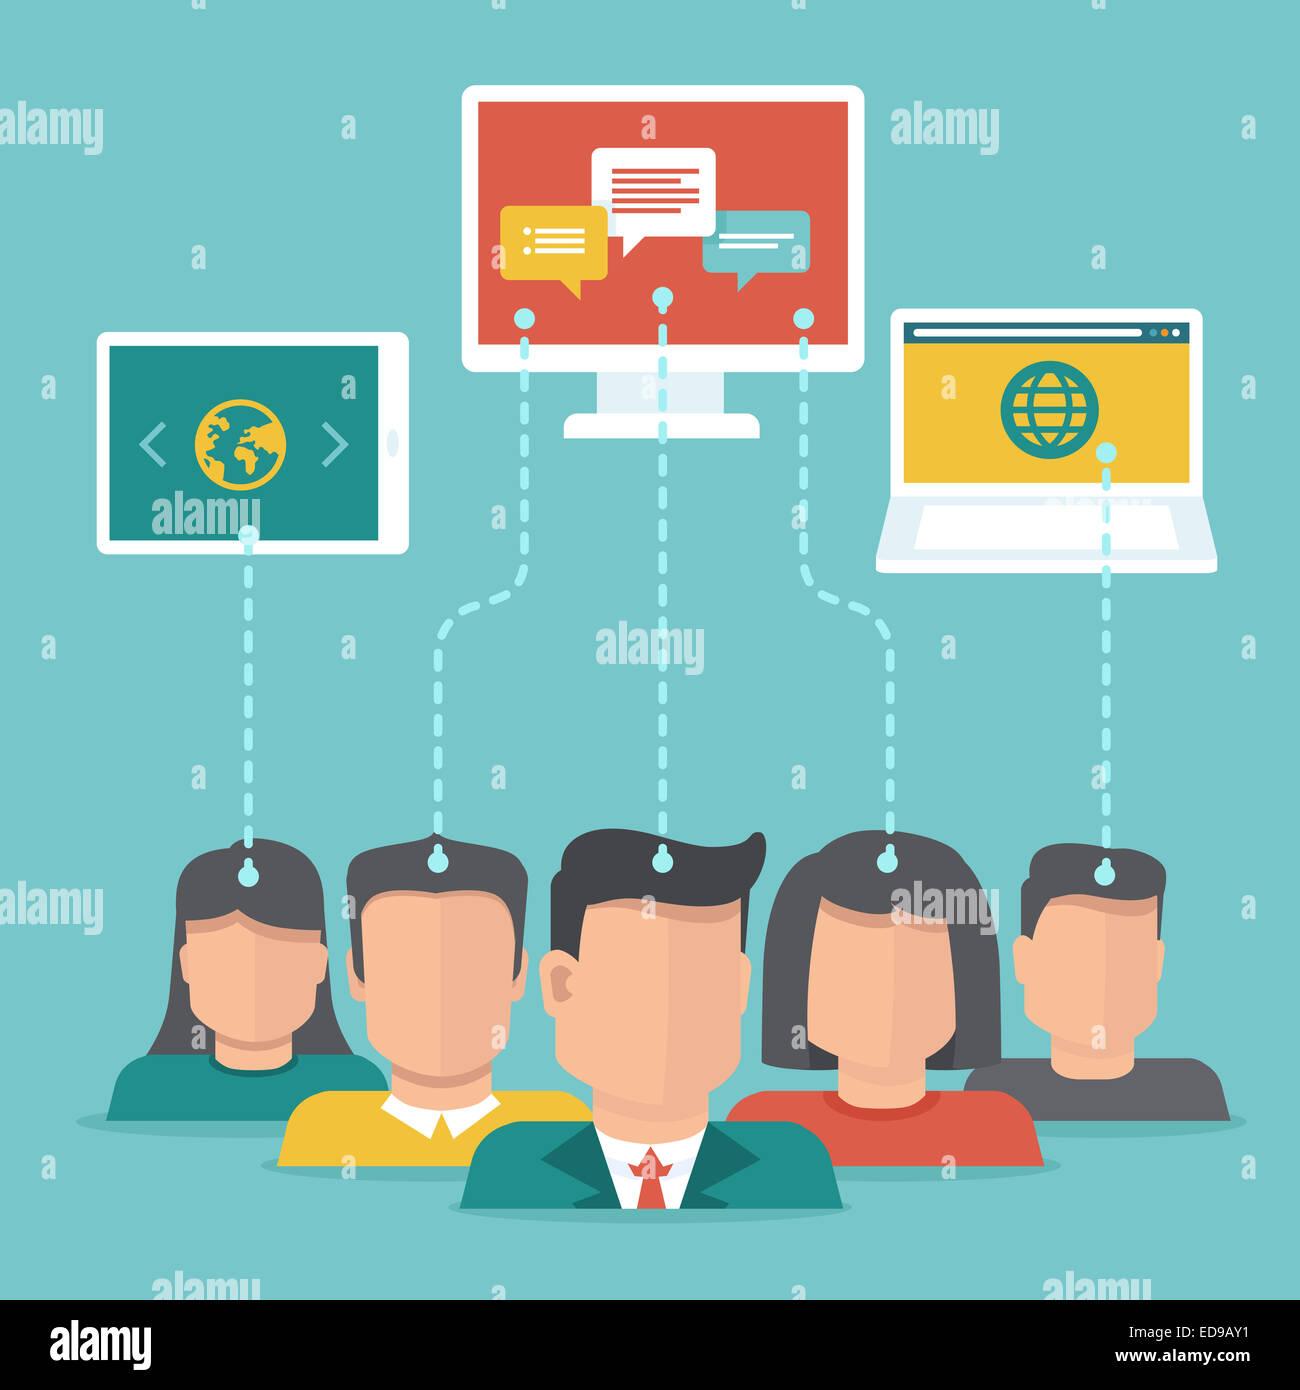 Contenu généré par l'idée de télévision style - utilisateurs Téléchargement Photo Stock